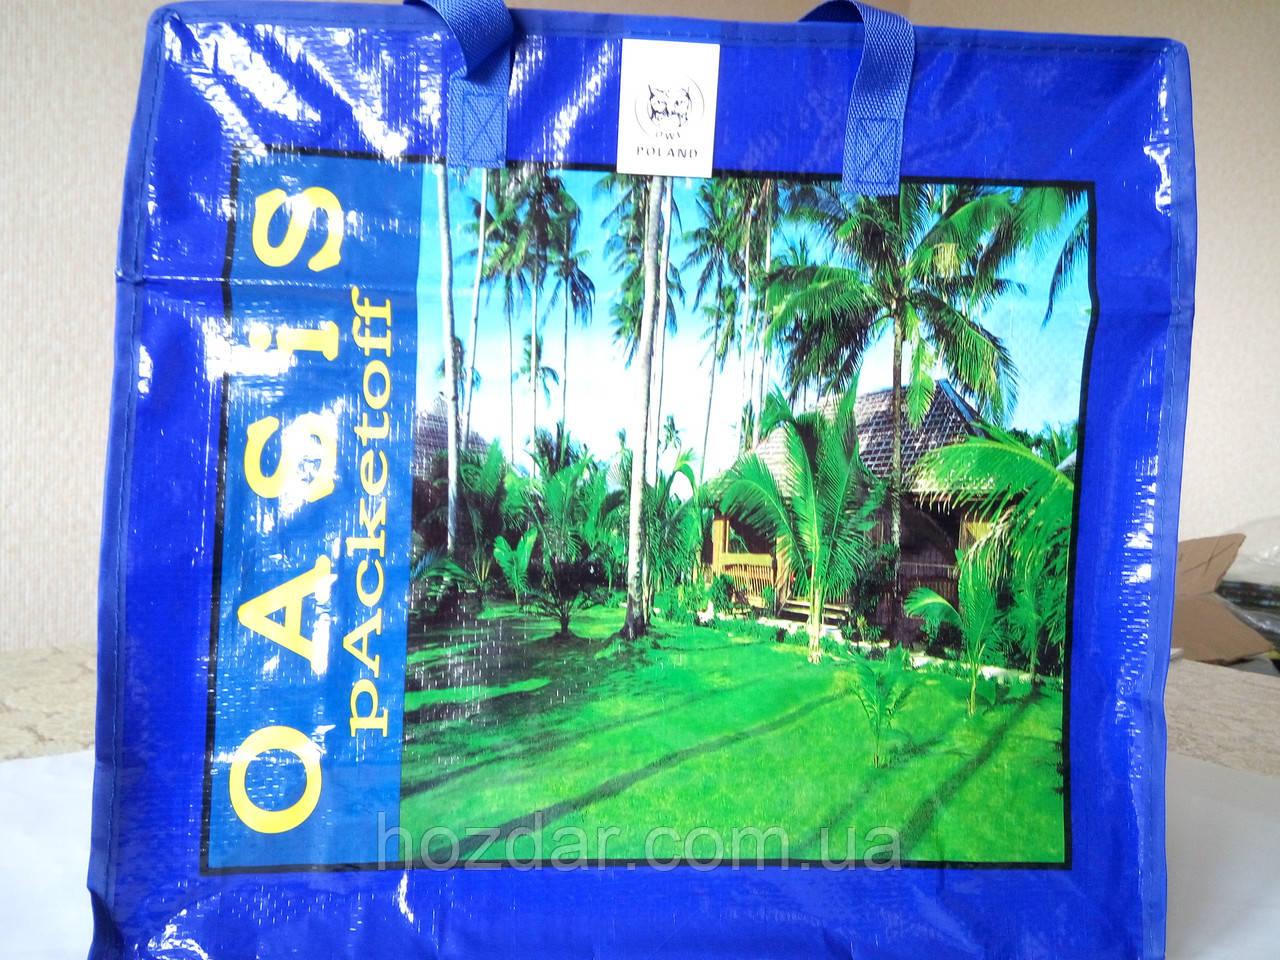 Хозяйственная сумка полипропиленовая горизонтальная №3 (Пальмы)